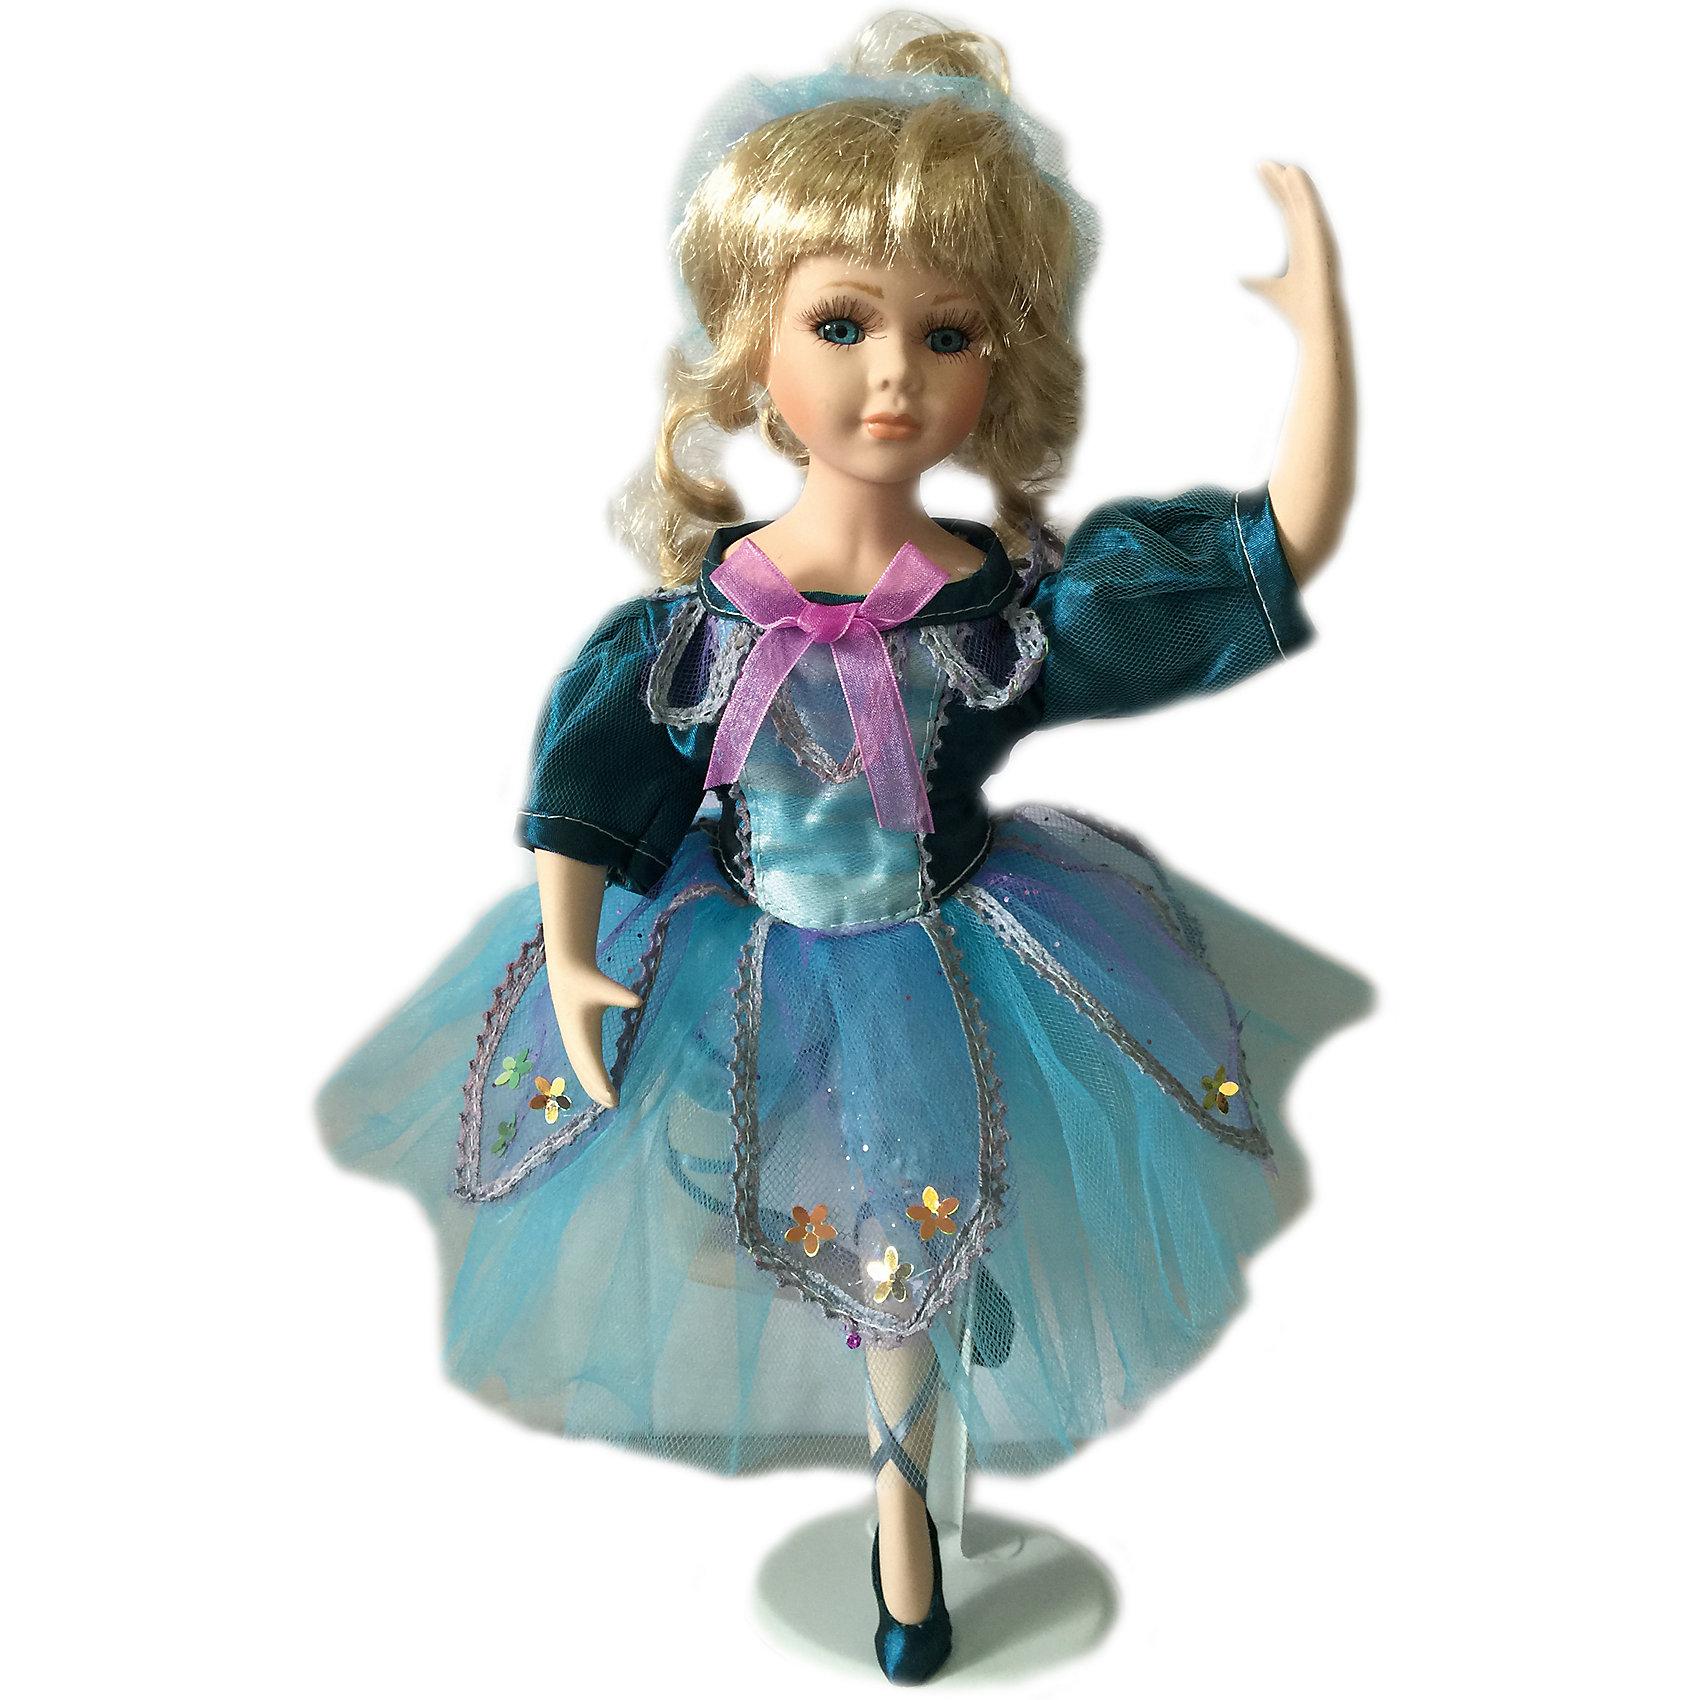 Фарфоровая кукла Балерина, 36 см, Angel CollectionФарфоровая кукла Балерина, 36 см, Angel Collection.<br><br>Характеристики:<br><br>• Высота куклы: 36 см.<br>• Материал: фарфор, текстиль<br>• Упаковка: картонная коробка блистерного типа<br><br>Фарфоровая кукла «Балерина», Angel Collection изготовлена с большим вниманием к мелким деталям, благодаря этому она очень красива и привлекательна. Кукла стоит в классической балетной позе - вскинув одну руку над головой, она тянется вверх, подняв точеное личико, и словно паря над поверхностью. Шикарные кудри выглядят сногсшибательно, а стеклянные глазки куколки живо блестят. Балерина одета в пачку голубого цвета. Кукла установлена на специальную подставку. <br><br>Фарфоровая красавица Балерина - это не просто игрушка, а также украшение для интерьера или ценный экспонат коллекции. Каждая кукла в серии Angel Collection, обладает неповторимым образом - принцессы, феи, маленькие девочки, роскошные невесты и т.д. Изысканные наряды и очаровательная матовость фарфора превращают этих кукол в настоящее произведение искусства. Куклы Angel Collection сделаны из уникальной голубой глины, добываемой только в провинции Tai-Nan Shin, Тайвань.<br><br>Фарфоровую куклу Балерина, 36 см, Angel Collection можно купить в нашем интернет-магазине.<br><br>Ширина мм: 200<br>Глубина мм: 370<br>Высота мм: 90<br>Вес г: 833<br>Возраст от месяцев: 36<br>Возраст до месяцев: 2147483647<br>Пол: Женский<br>Возраст: Детский<br>SKU: 5400285